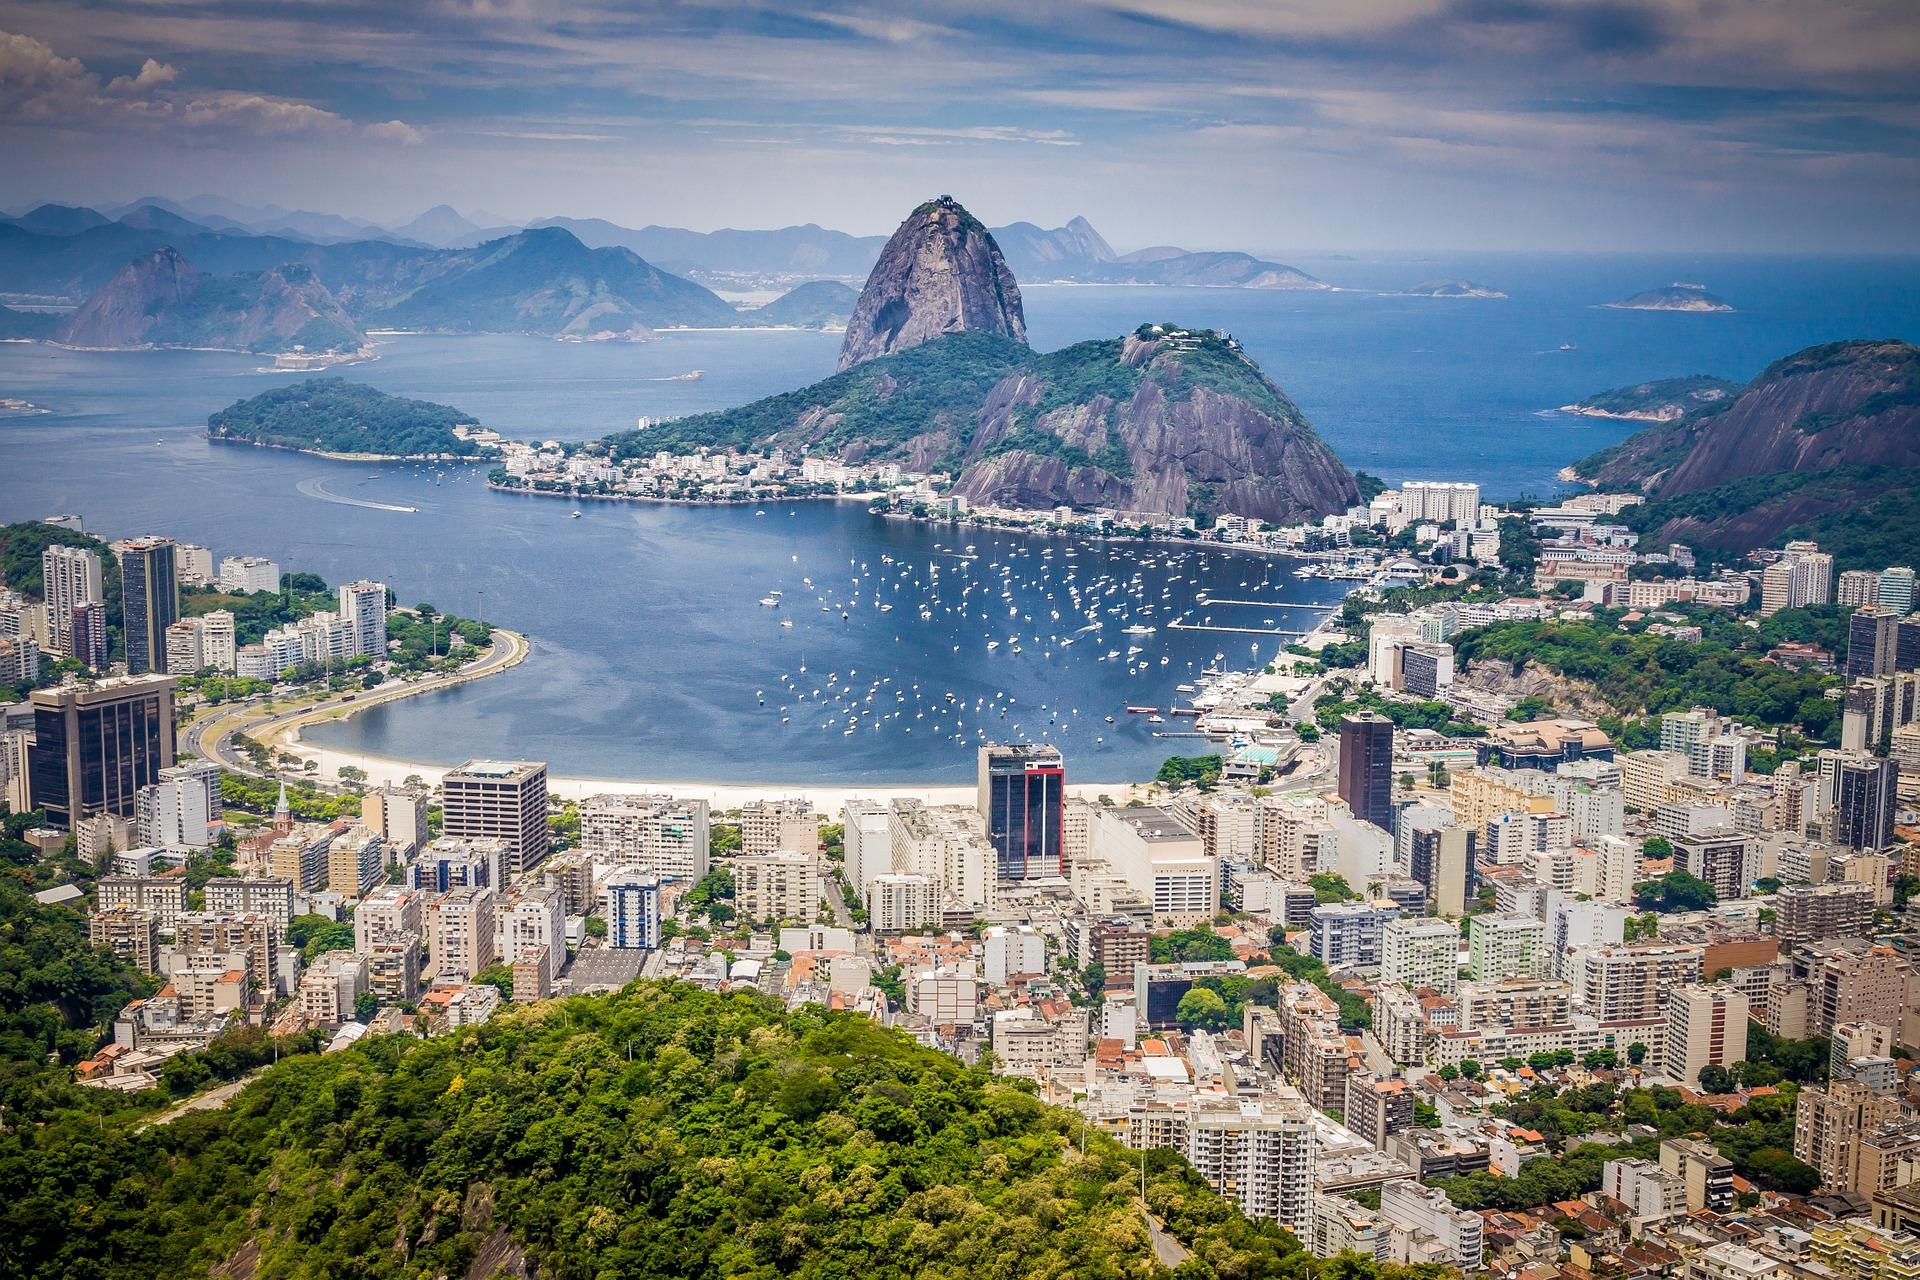 Rio, Rio de Janeiro, viajes, mar, montaña